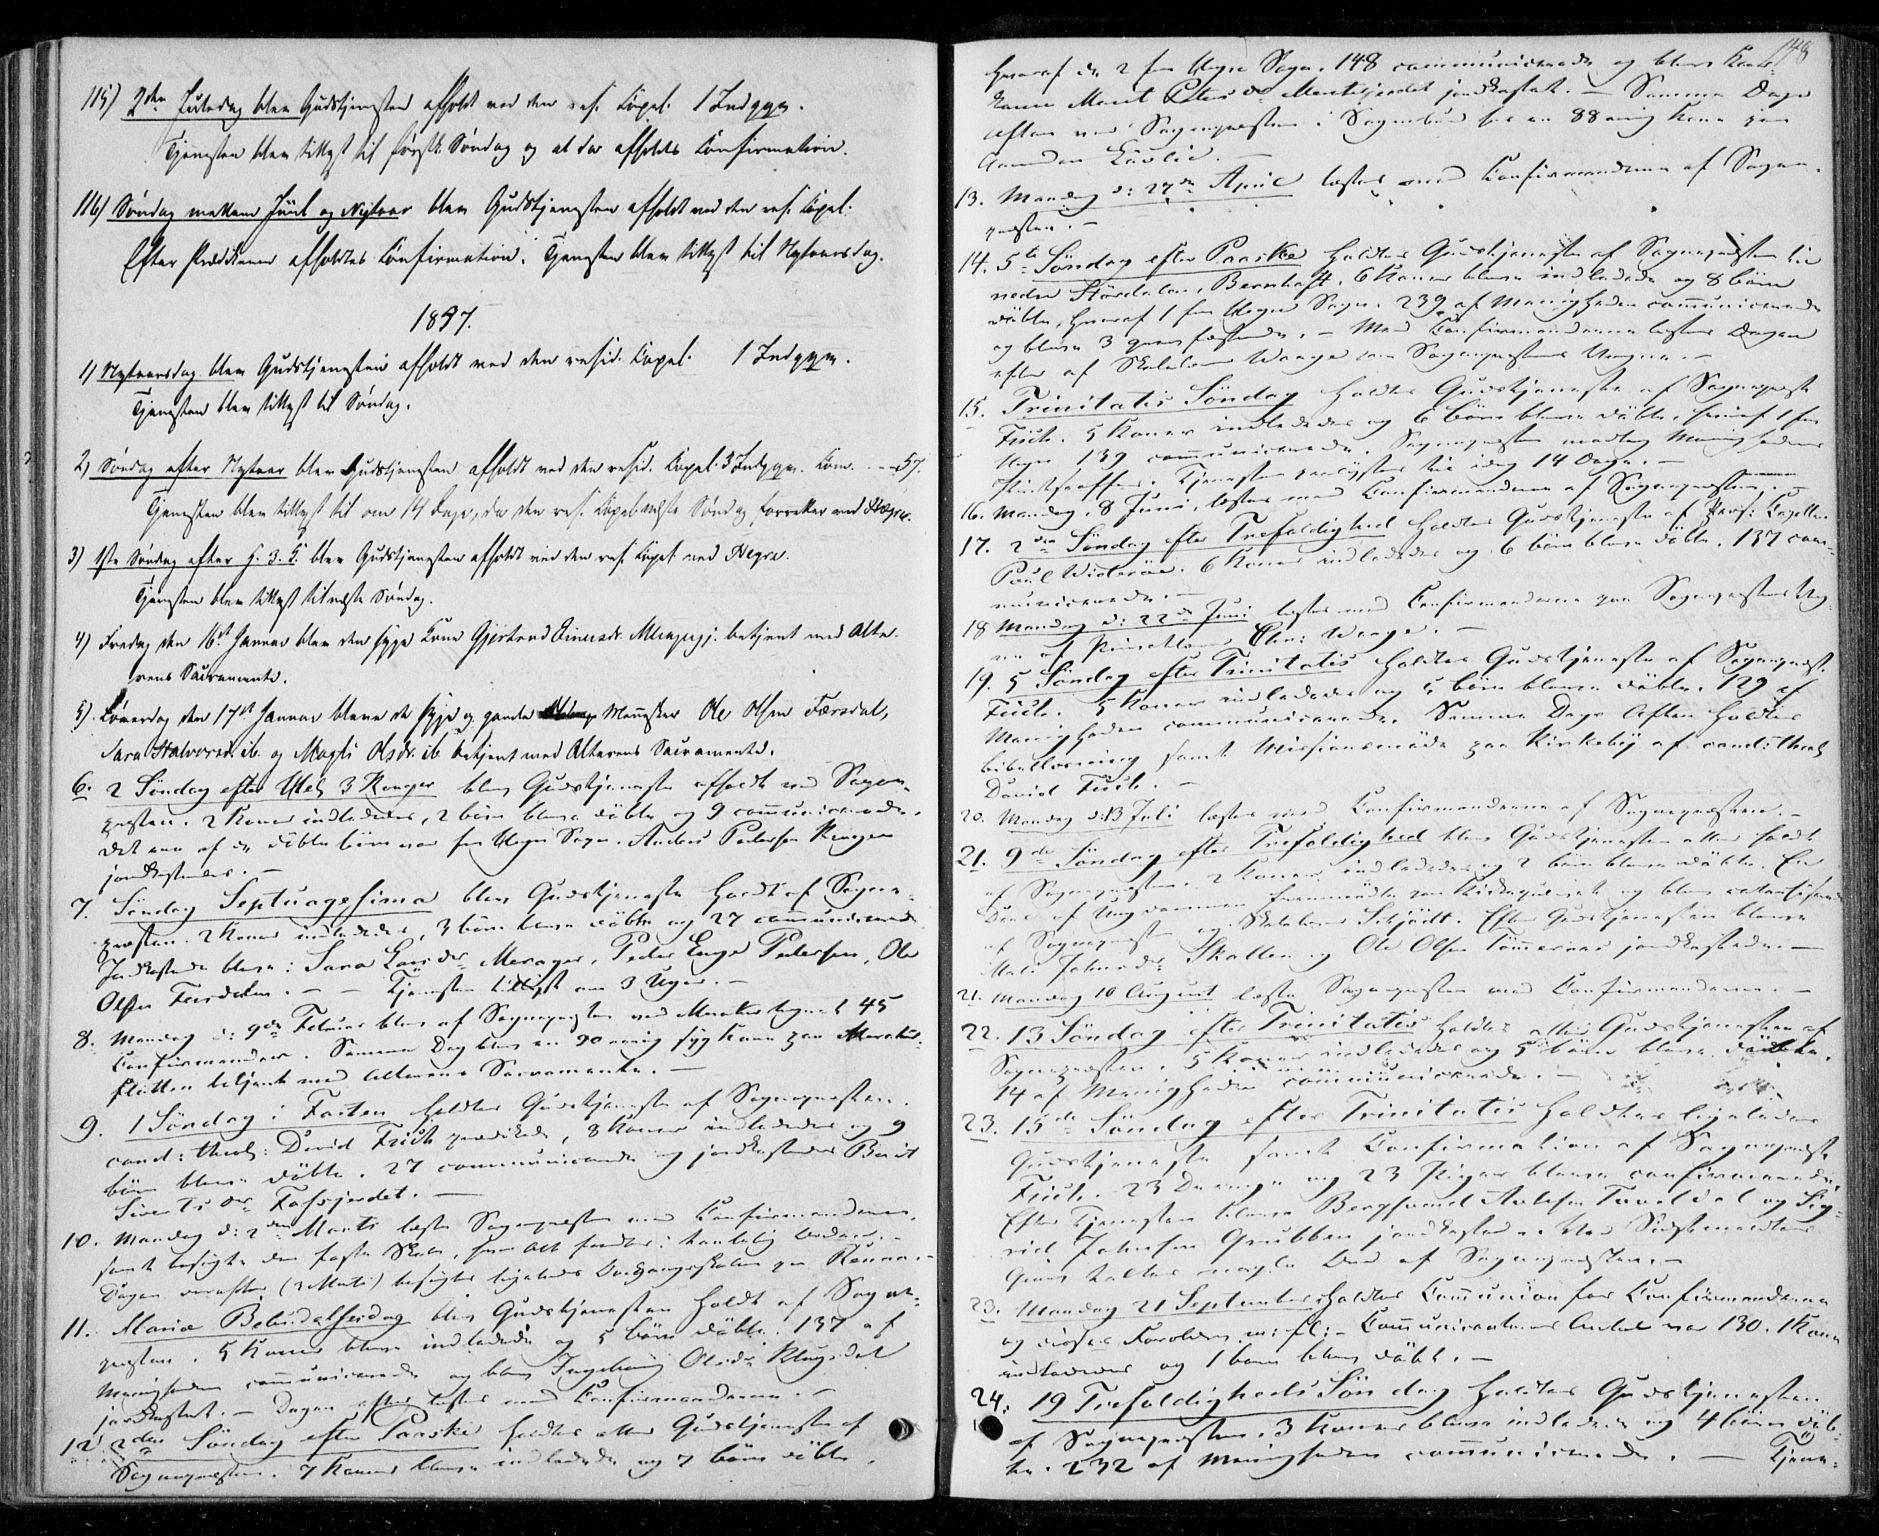 SAT, Ministerialprotokoller, klokkerbøker og fødselsregistre - Nord-Trøndelag, 706/L0040: Ministerialbok nr. 706A01, 1850-1861, s. 148